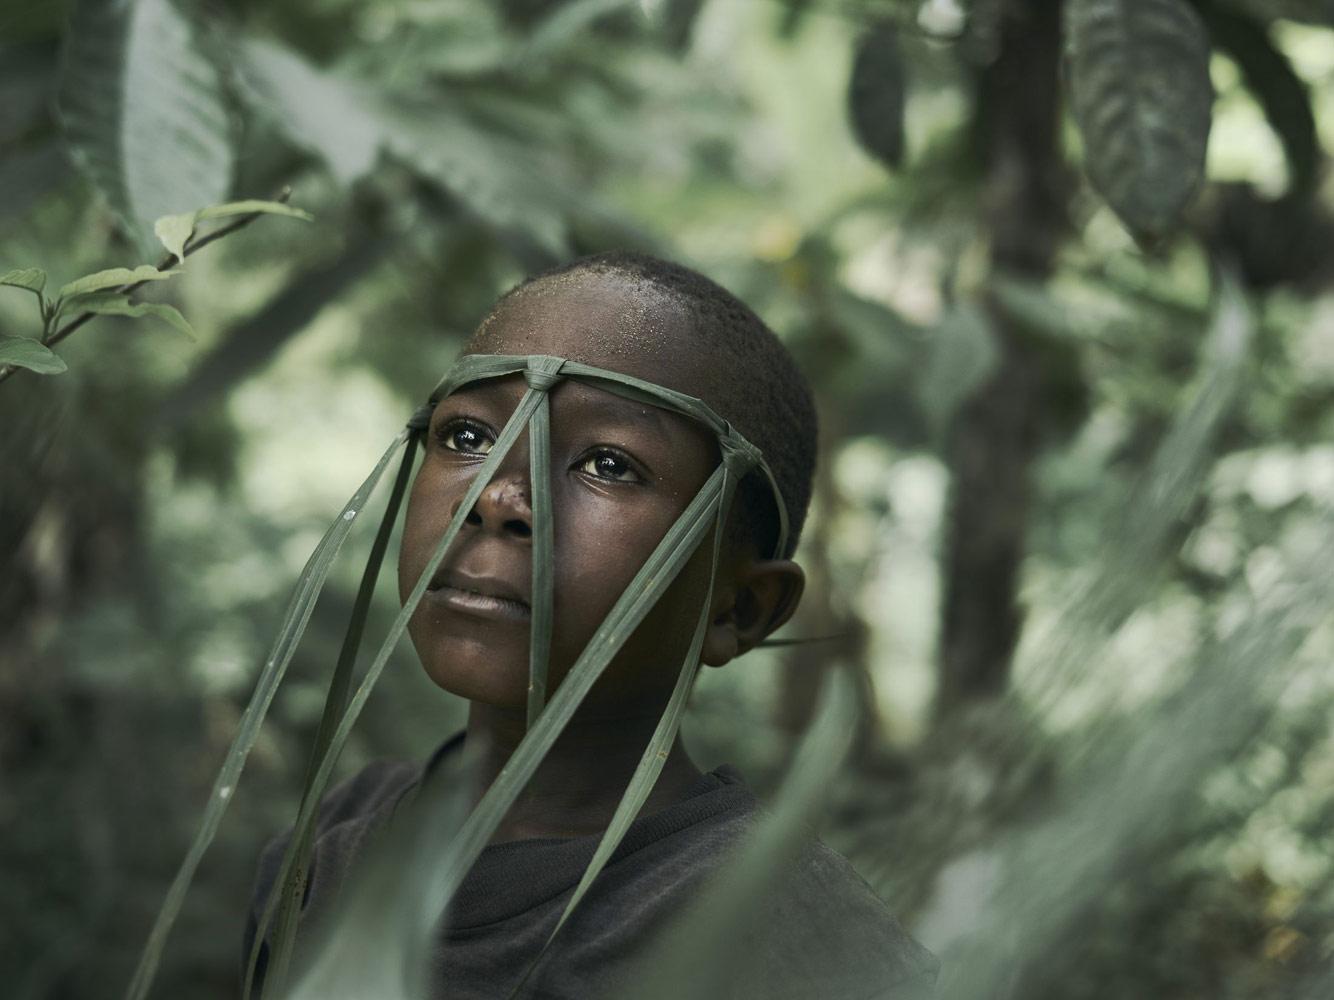 Портрет «Сильного» Джо Смарта, © Джои Лоуренс, Третье место, Конкурс портретной фотографии Тейлора Вессинга